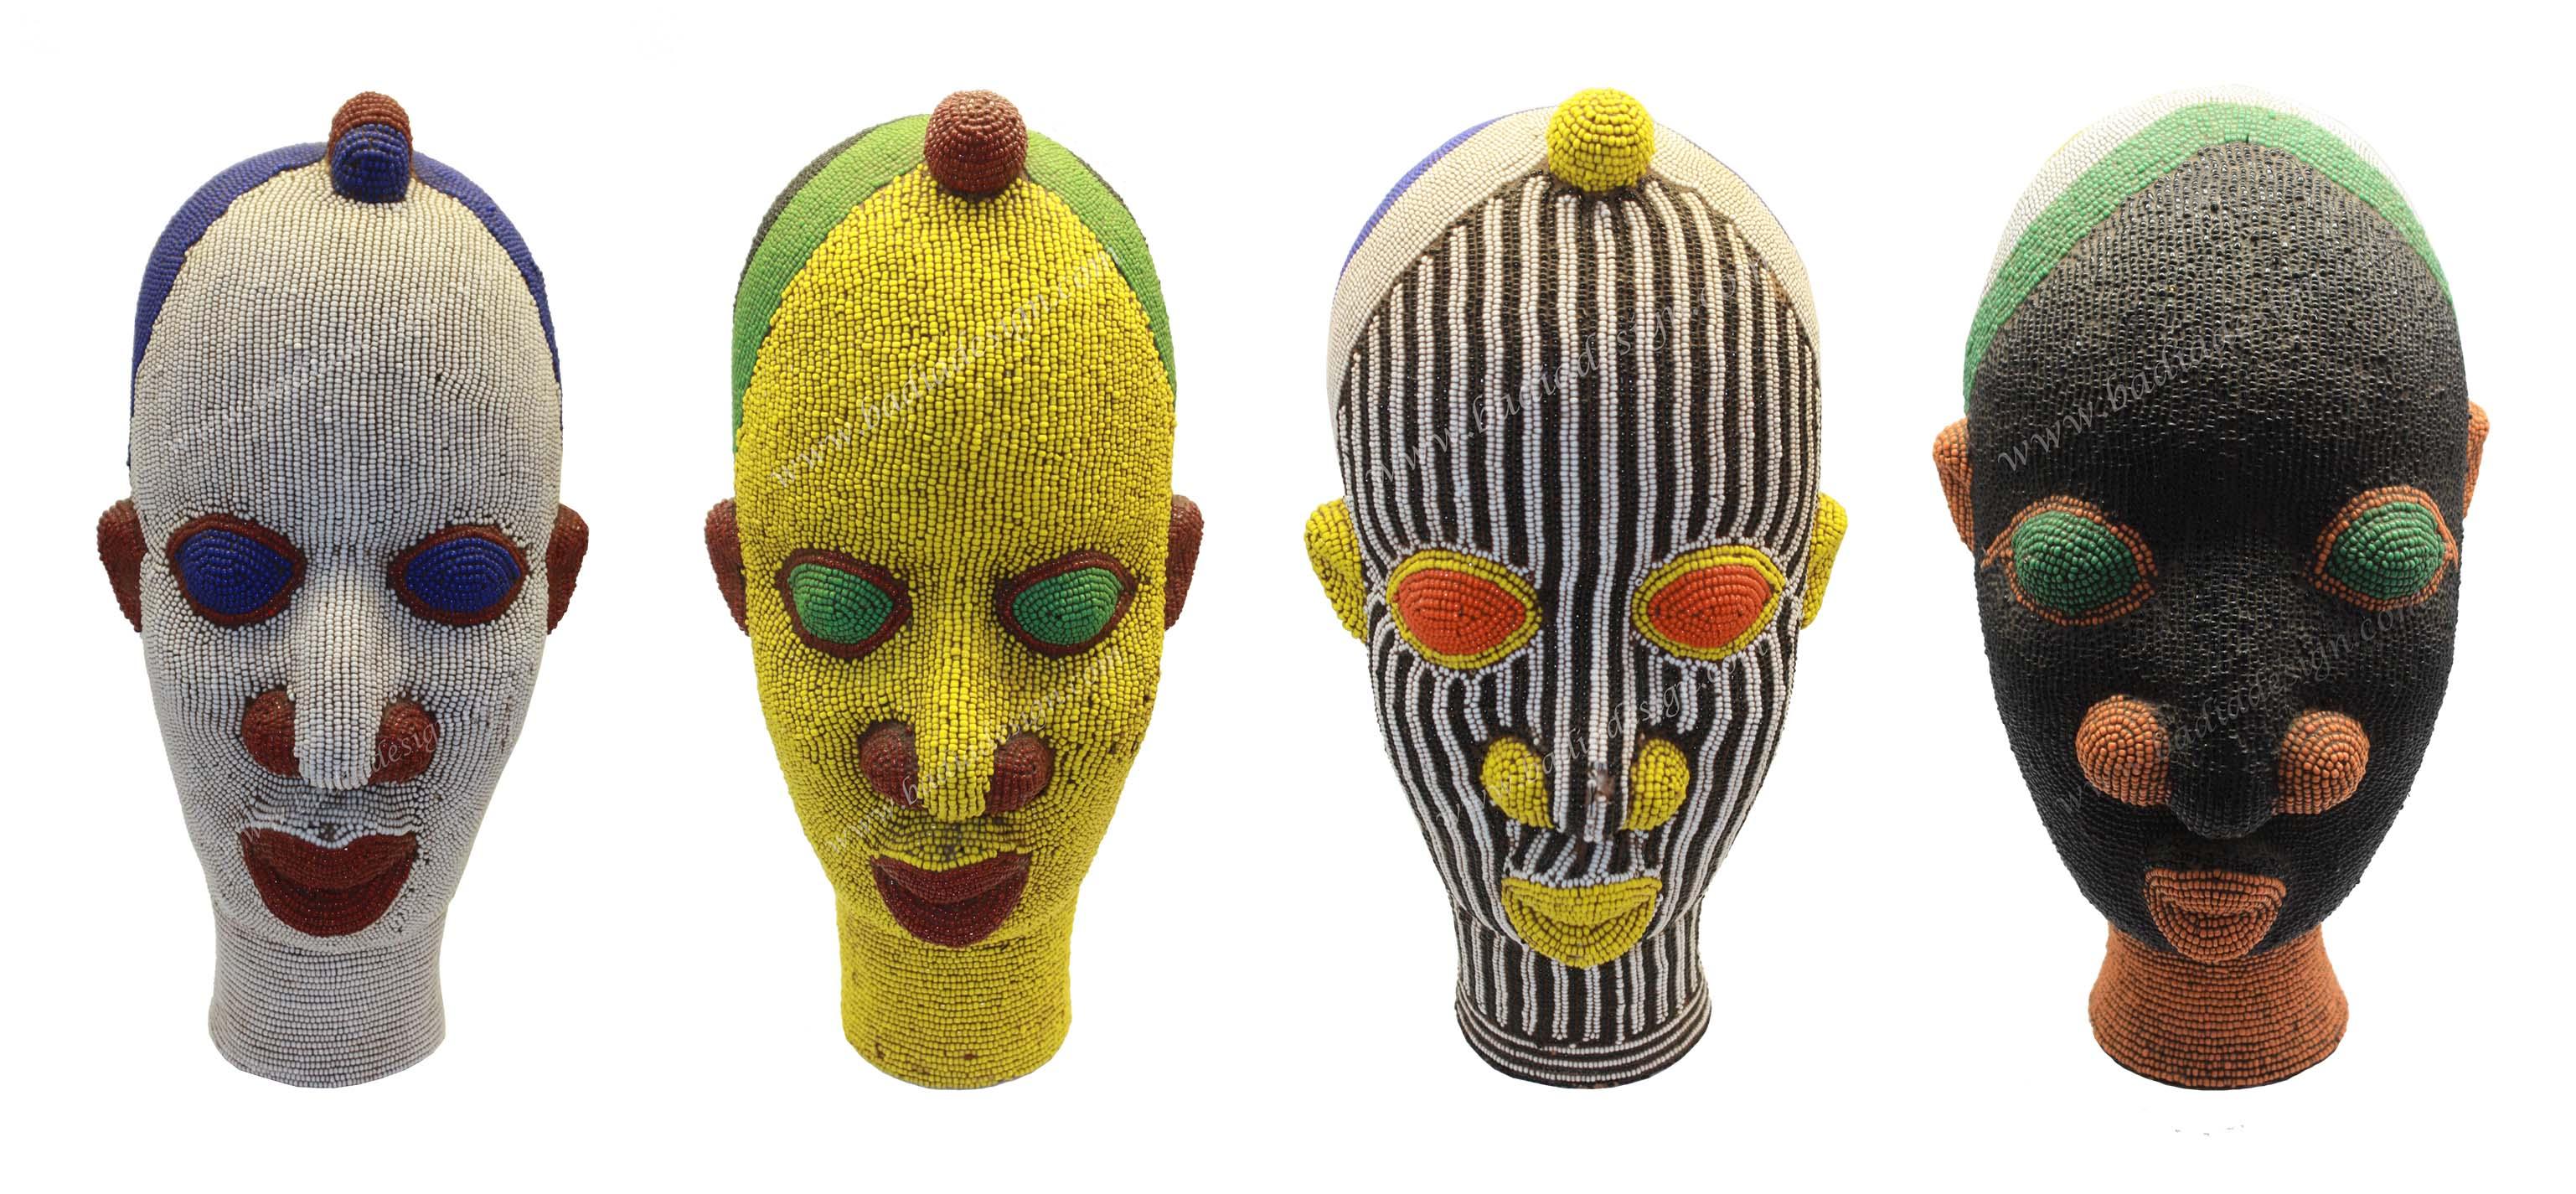 african-beaded-heads-los-angeles-hd180.jpg